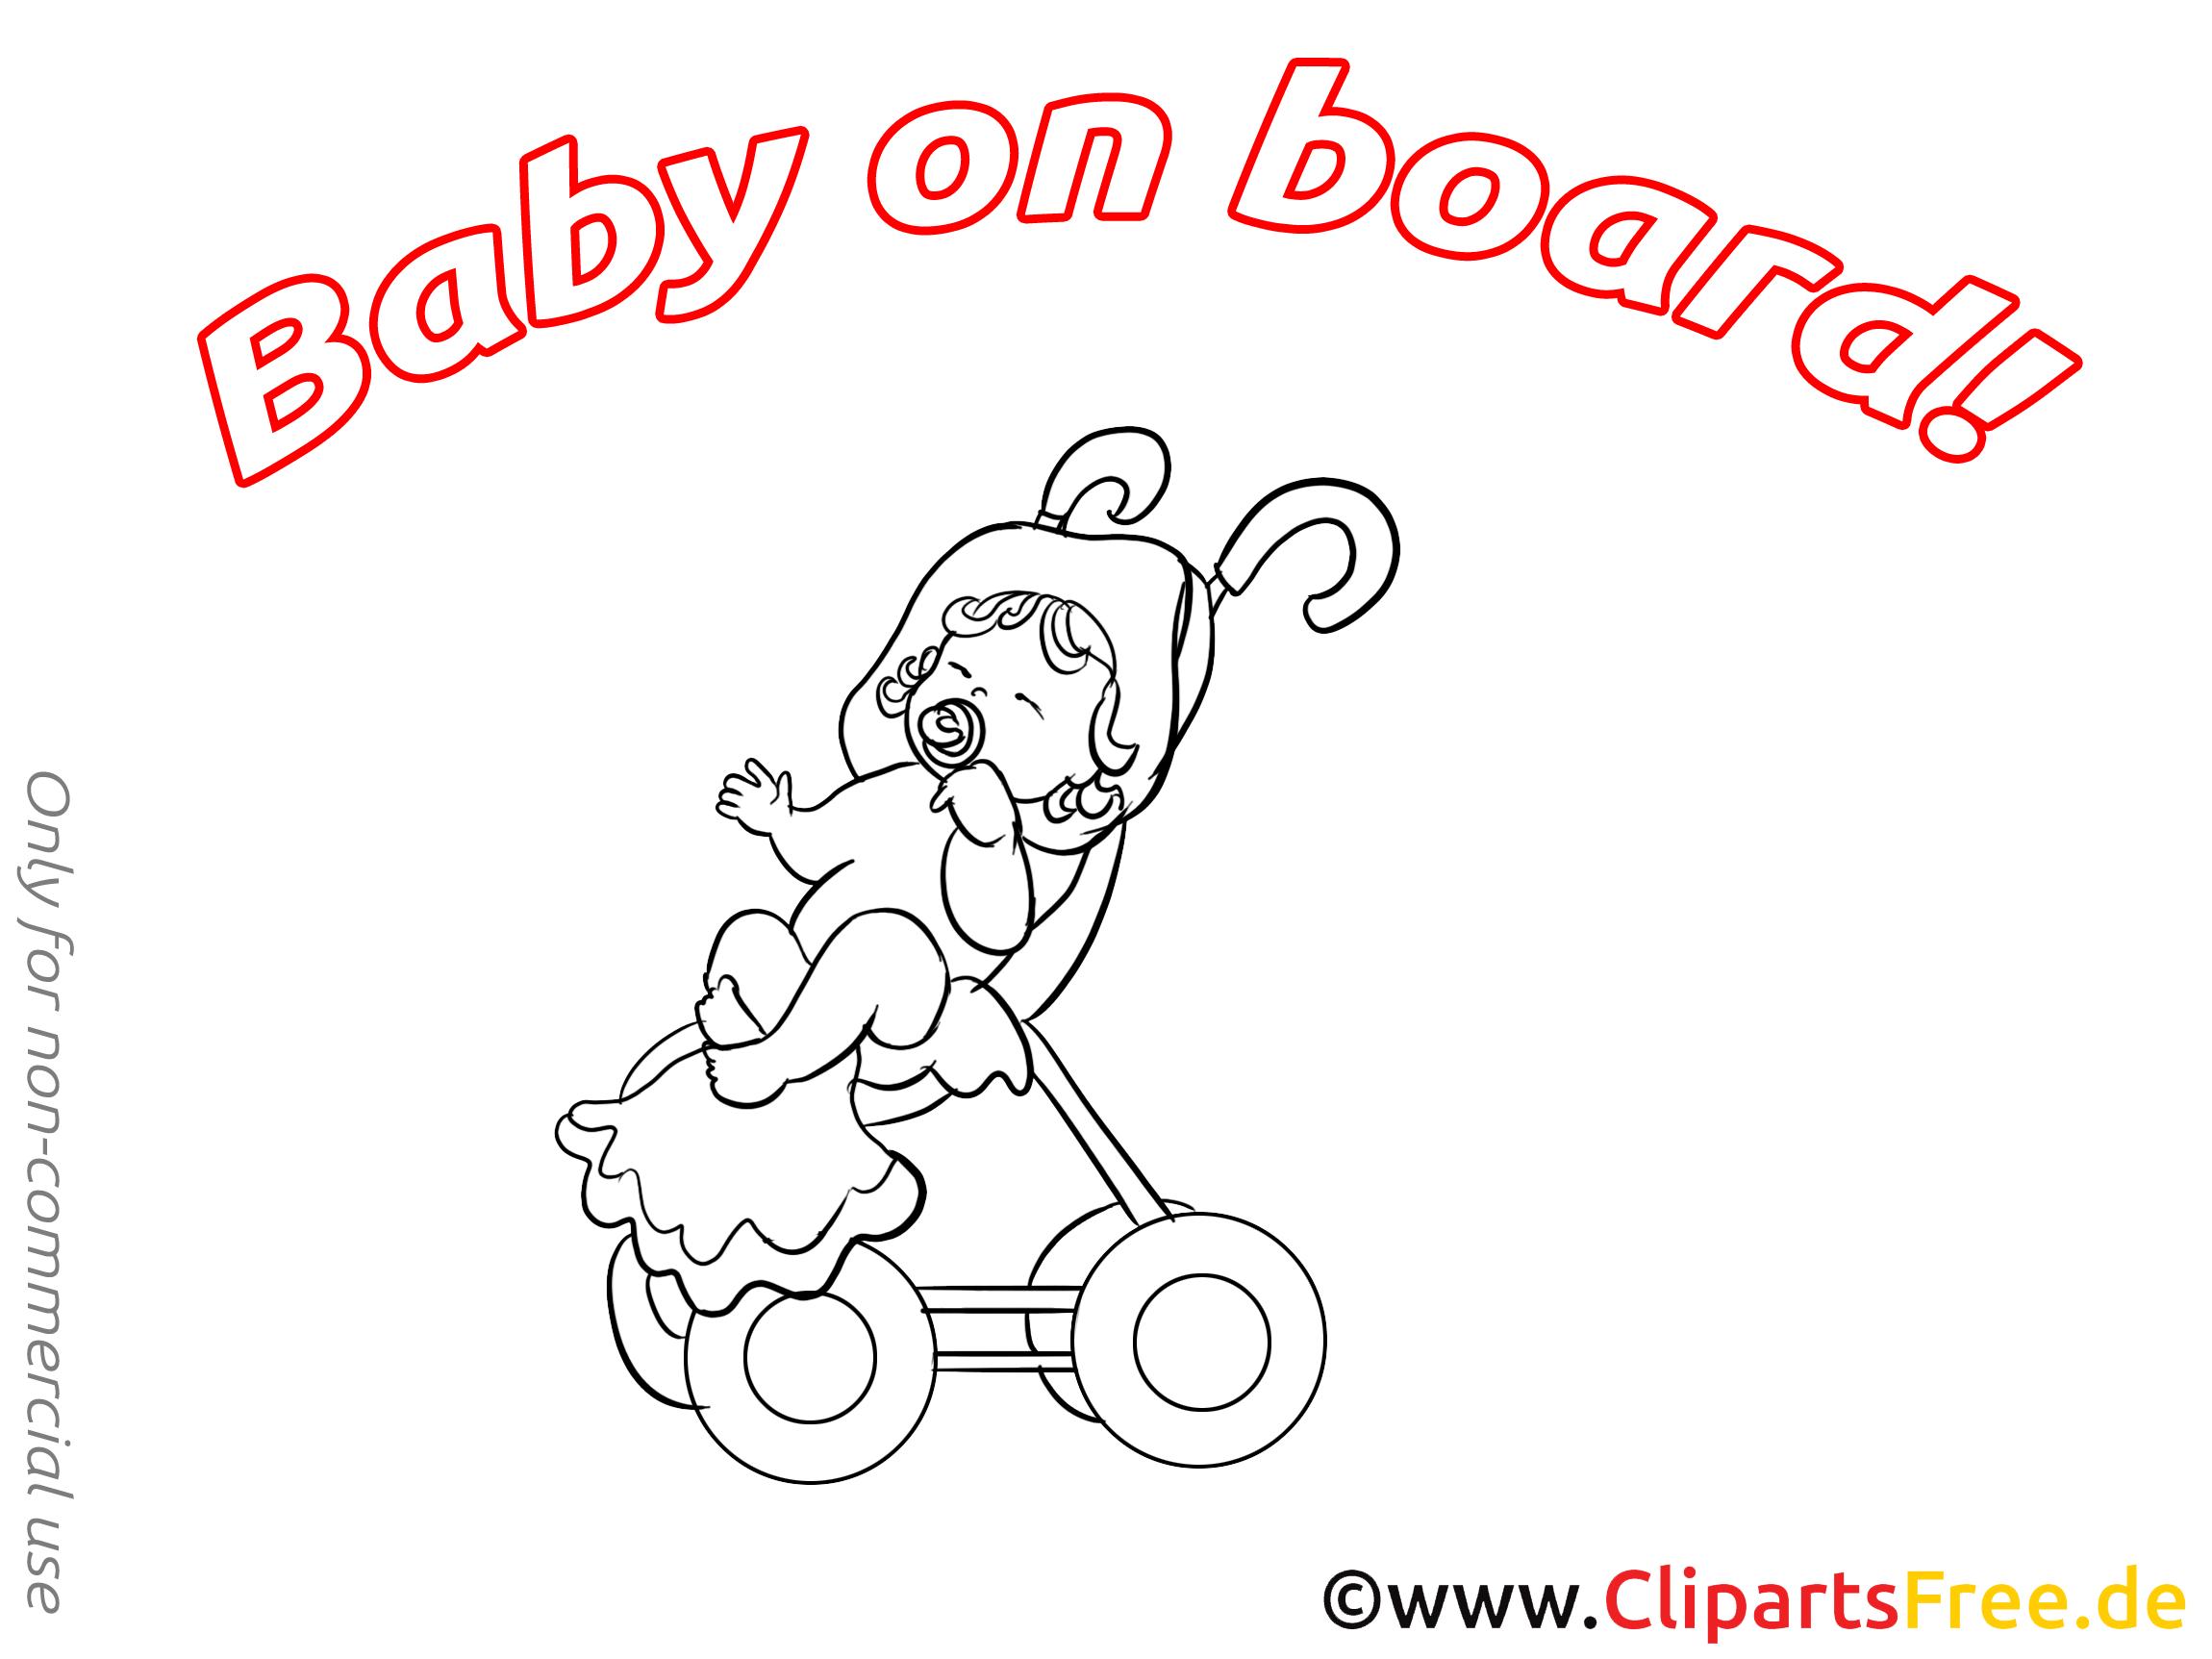 Poussette image à colorier – Bébé à bord images cliparts